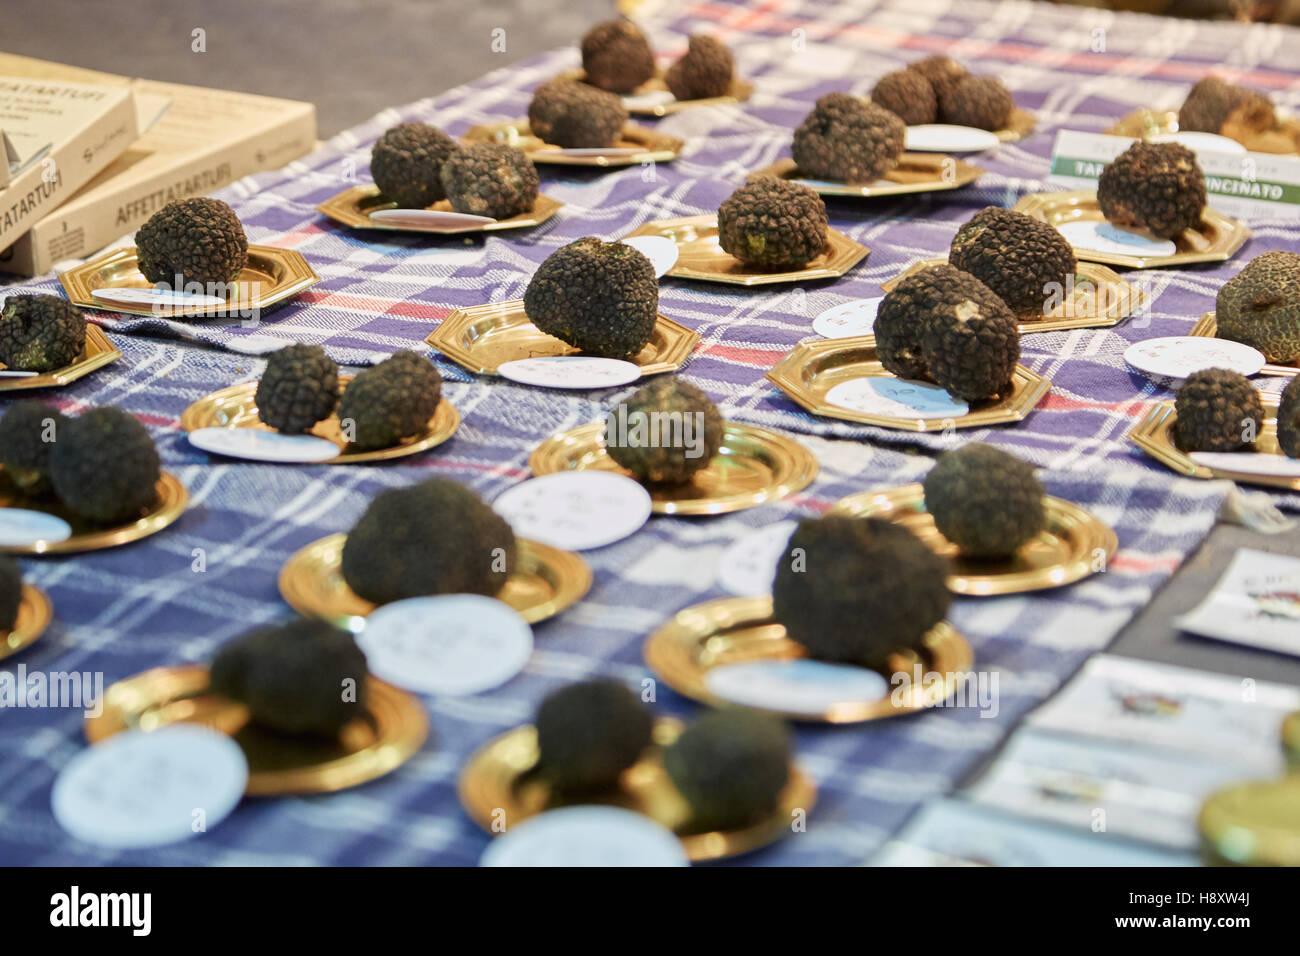 Trufas negras en venta durante la Feria de la trufa blanca de Alba en Alba, Italia Foto de stock